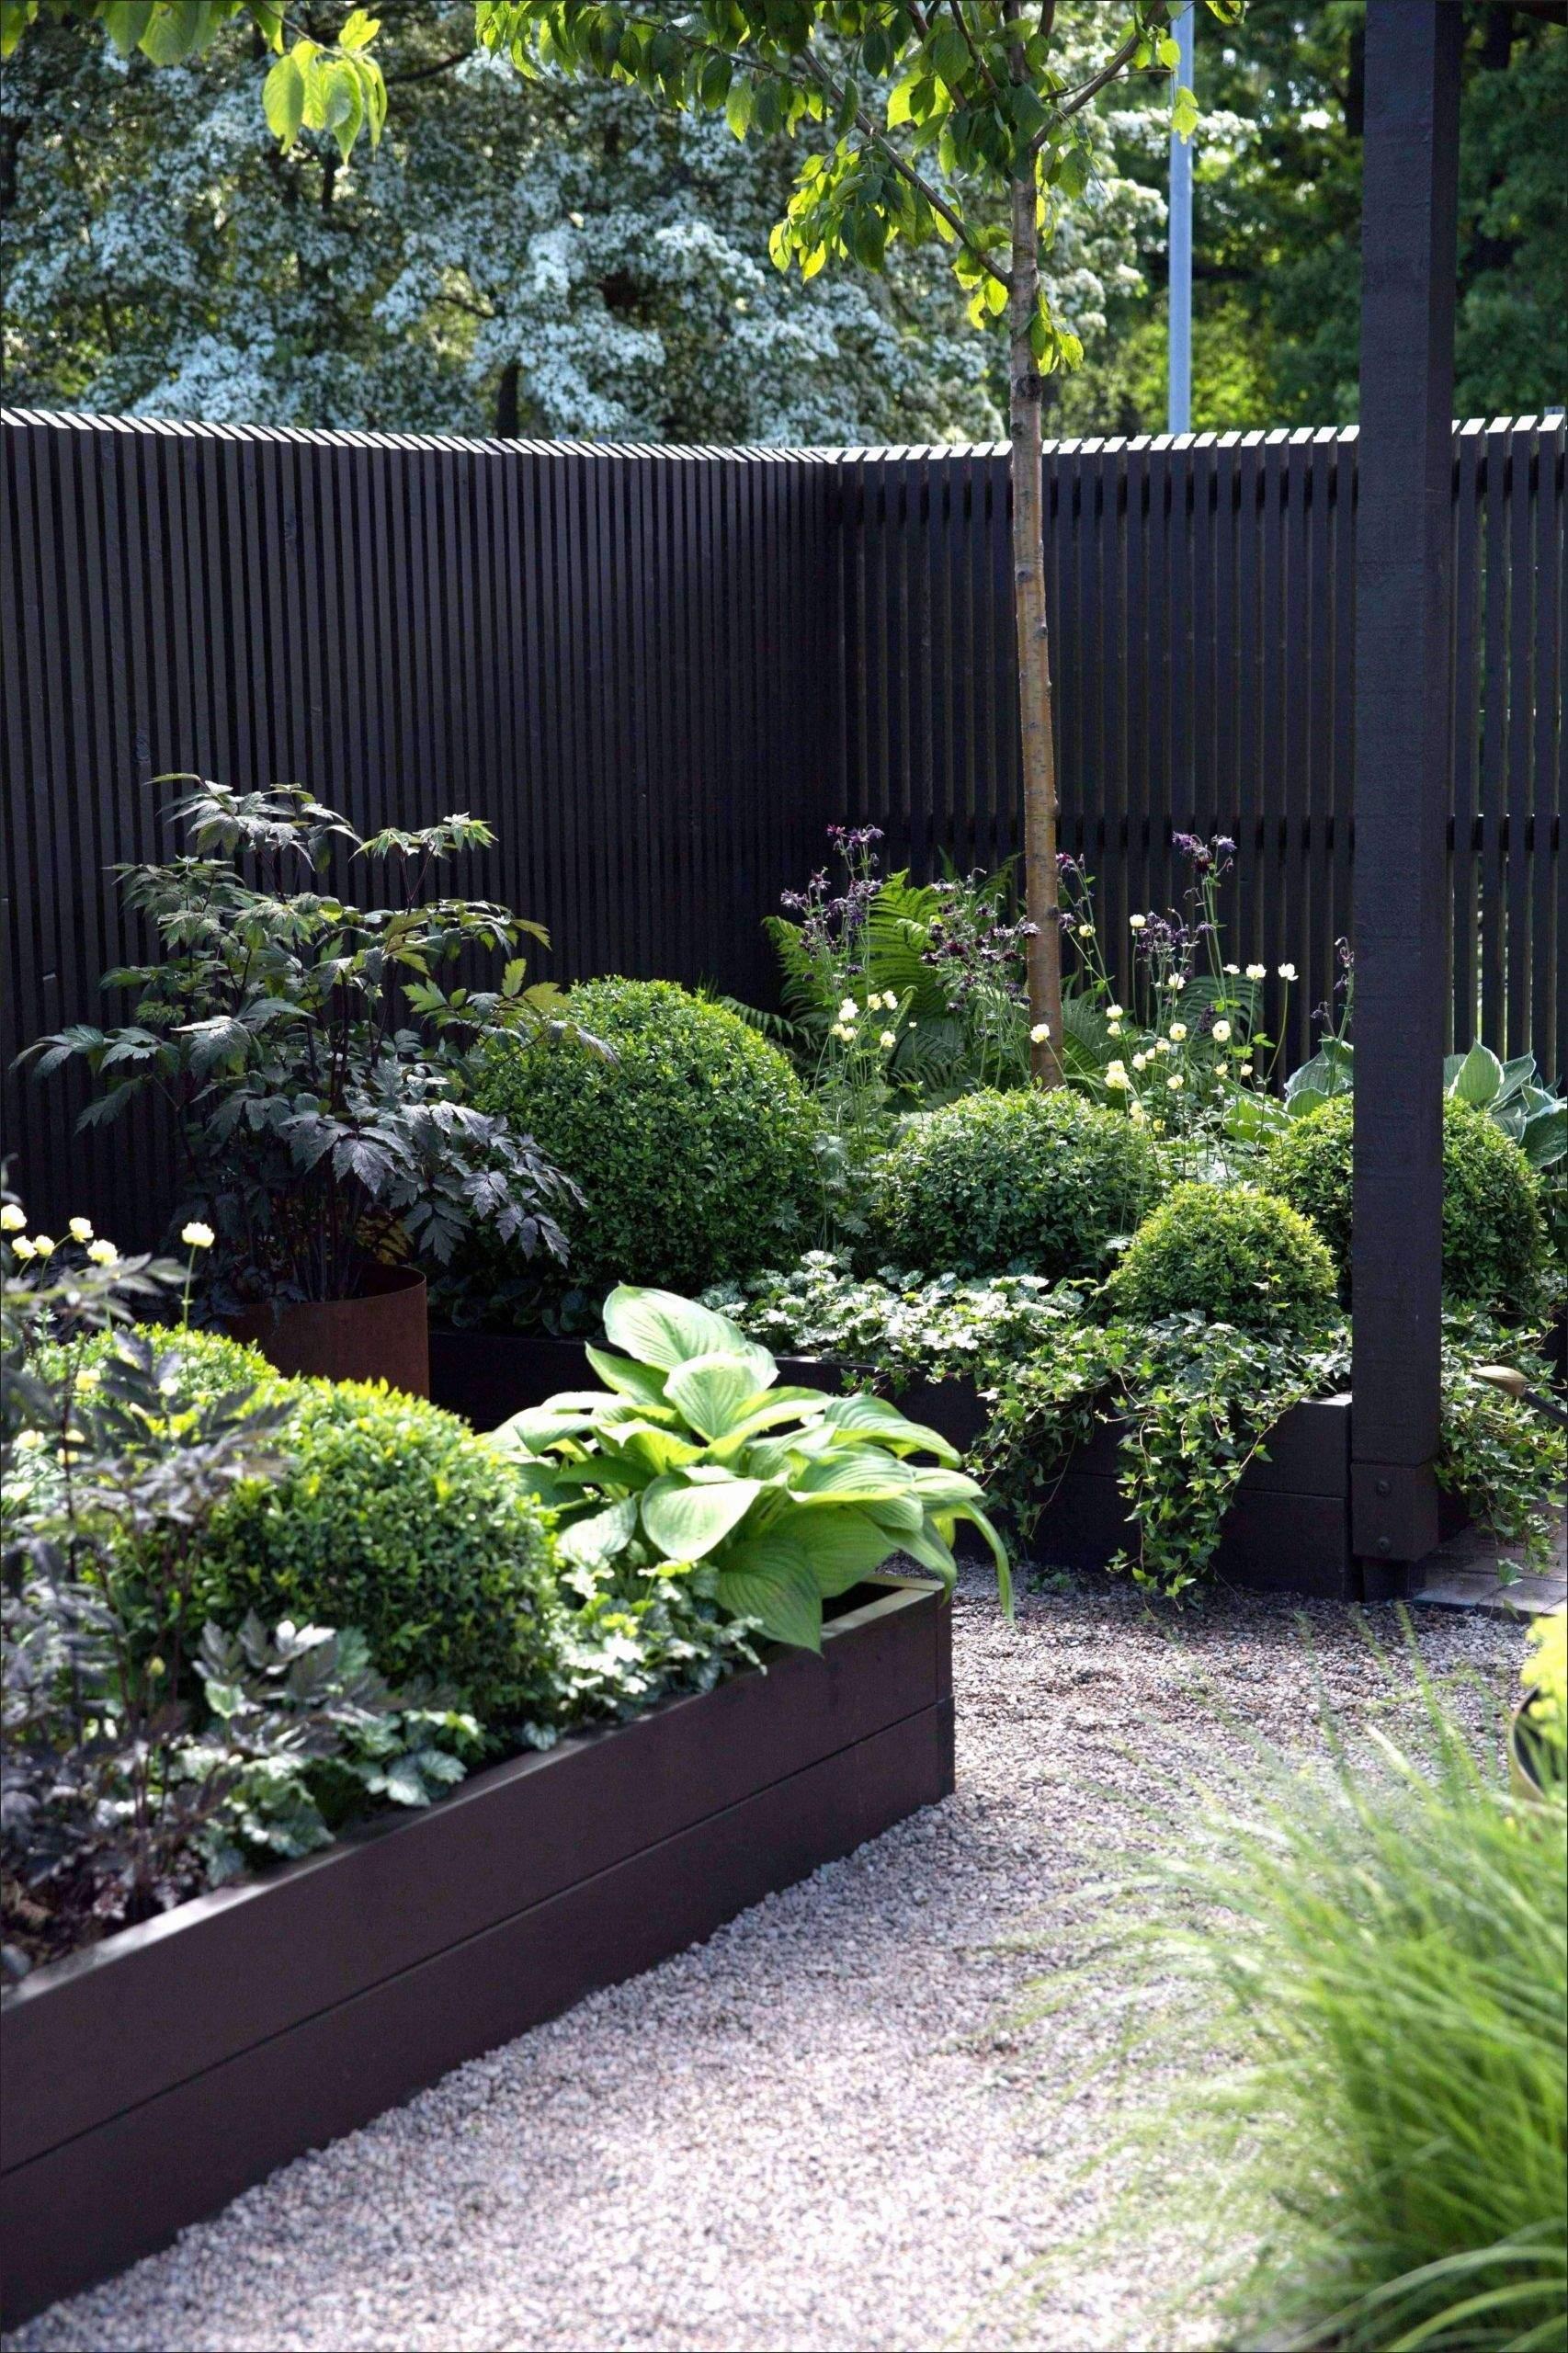 Kot Im Garten Von Welchem Tier Schön 40 Einzigartig Hundeurin Neutralisieren Garten Elegant